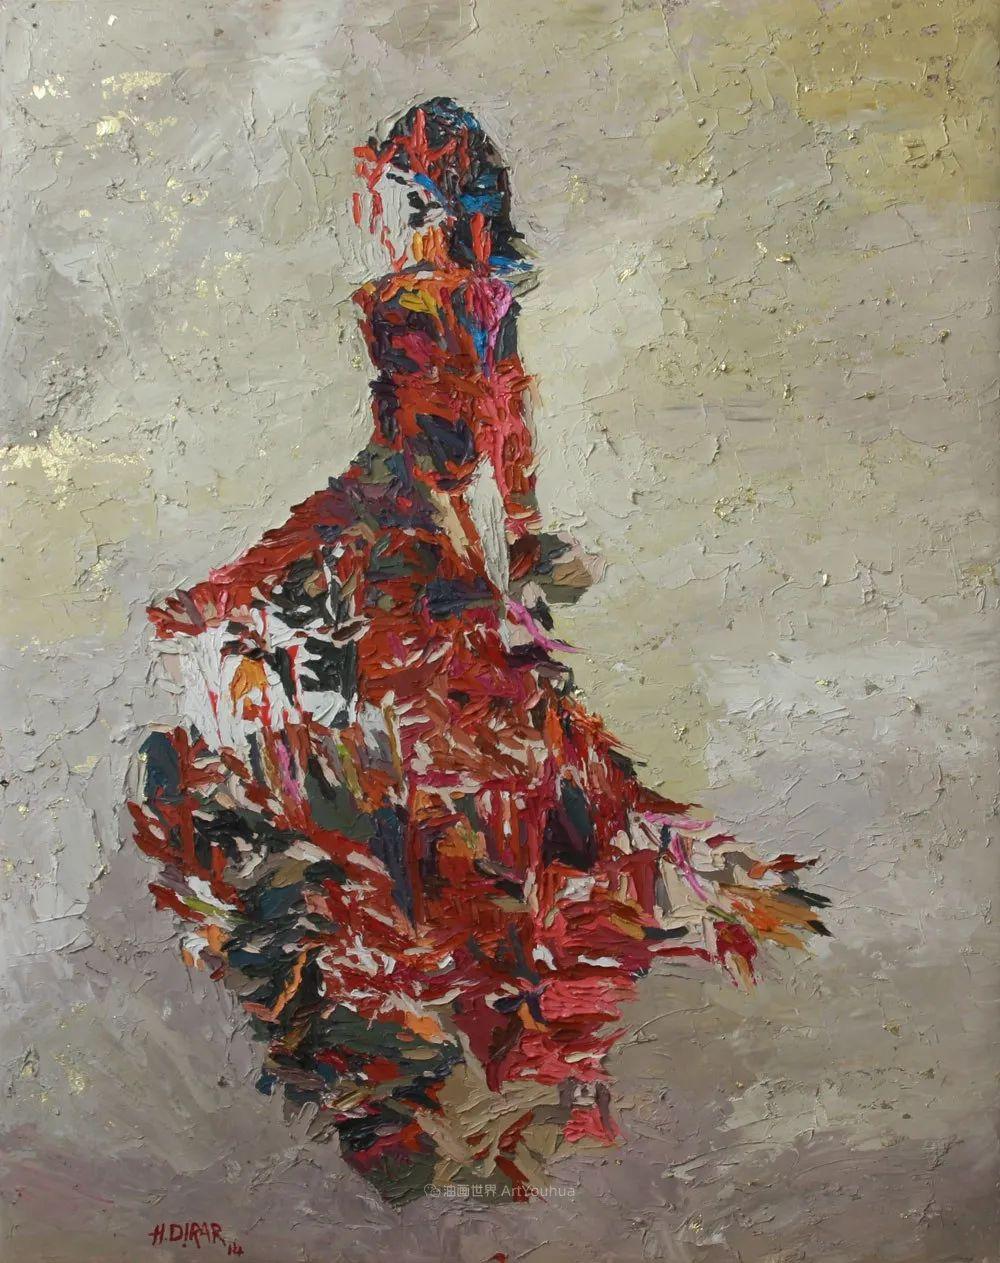 具象和抽象之间的作品,是他表达思想的最佳方式!插图25